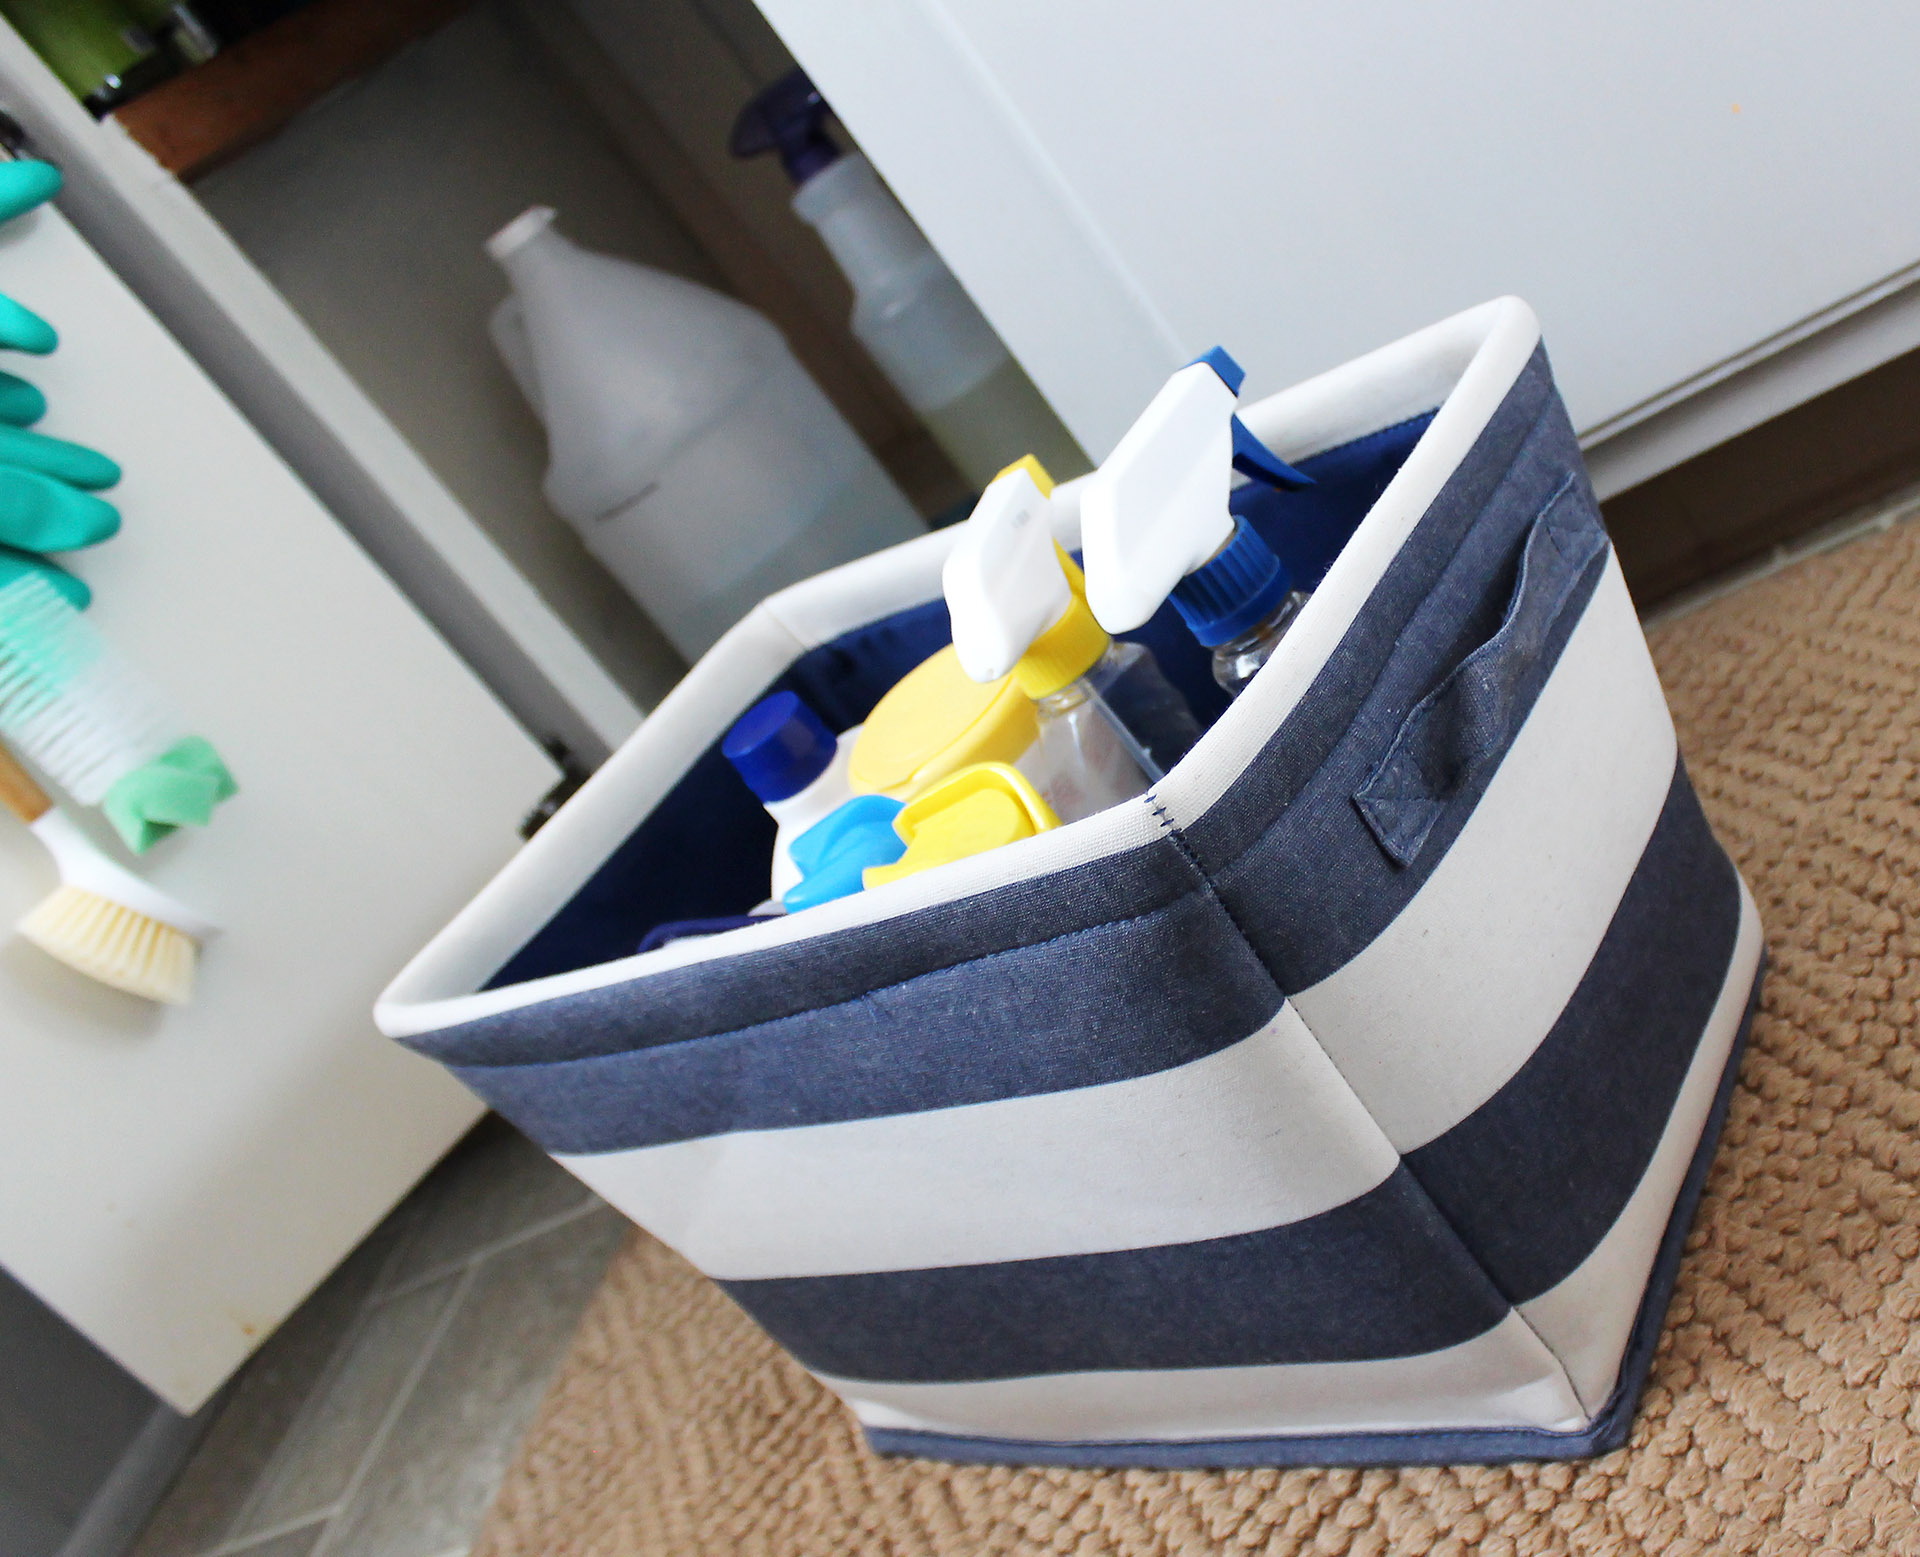 How To Organize Cleaning Supplies Under Kitchen Sink